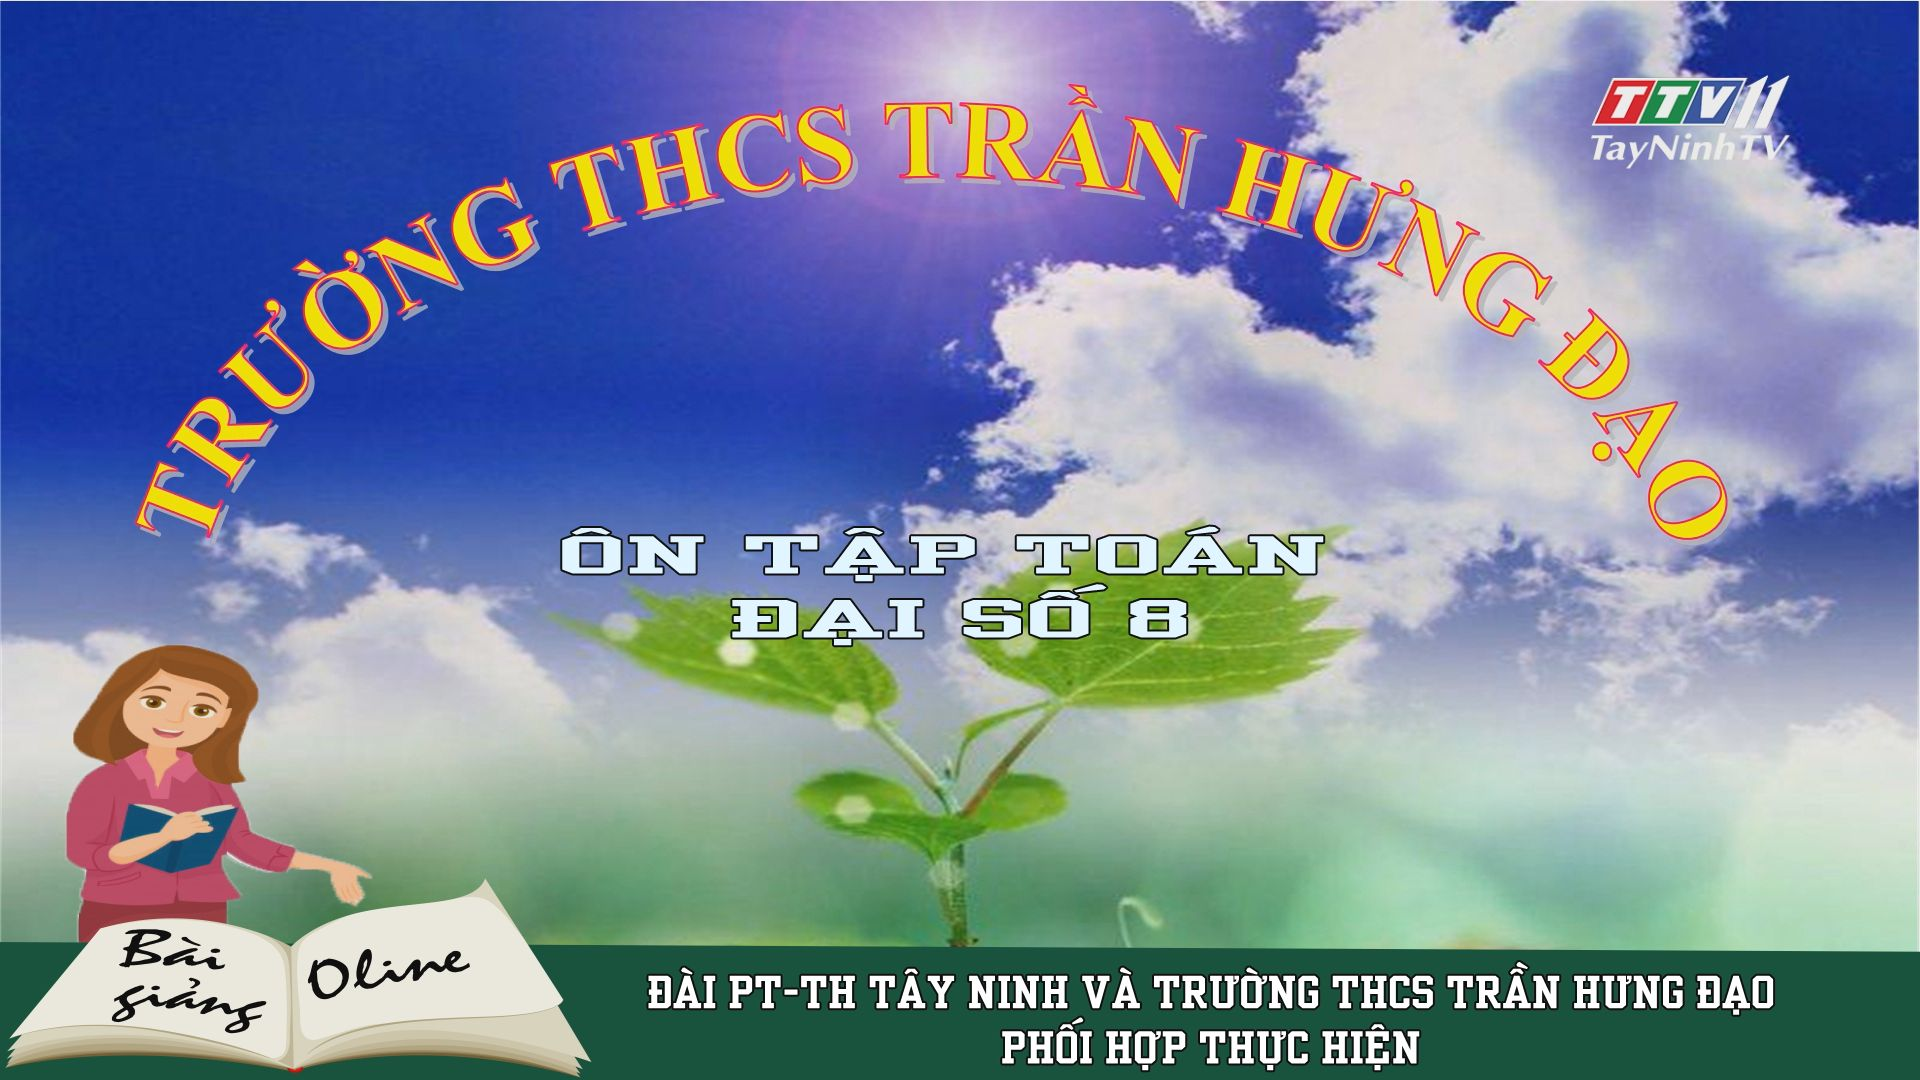 Ôn tập TOÁN ĐẠI SỐ 8 | ÔN TẬP TẠI NHÀ | TayNinhTV